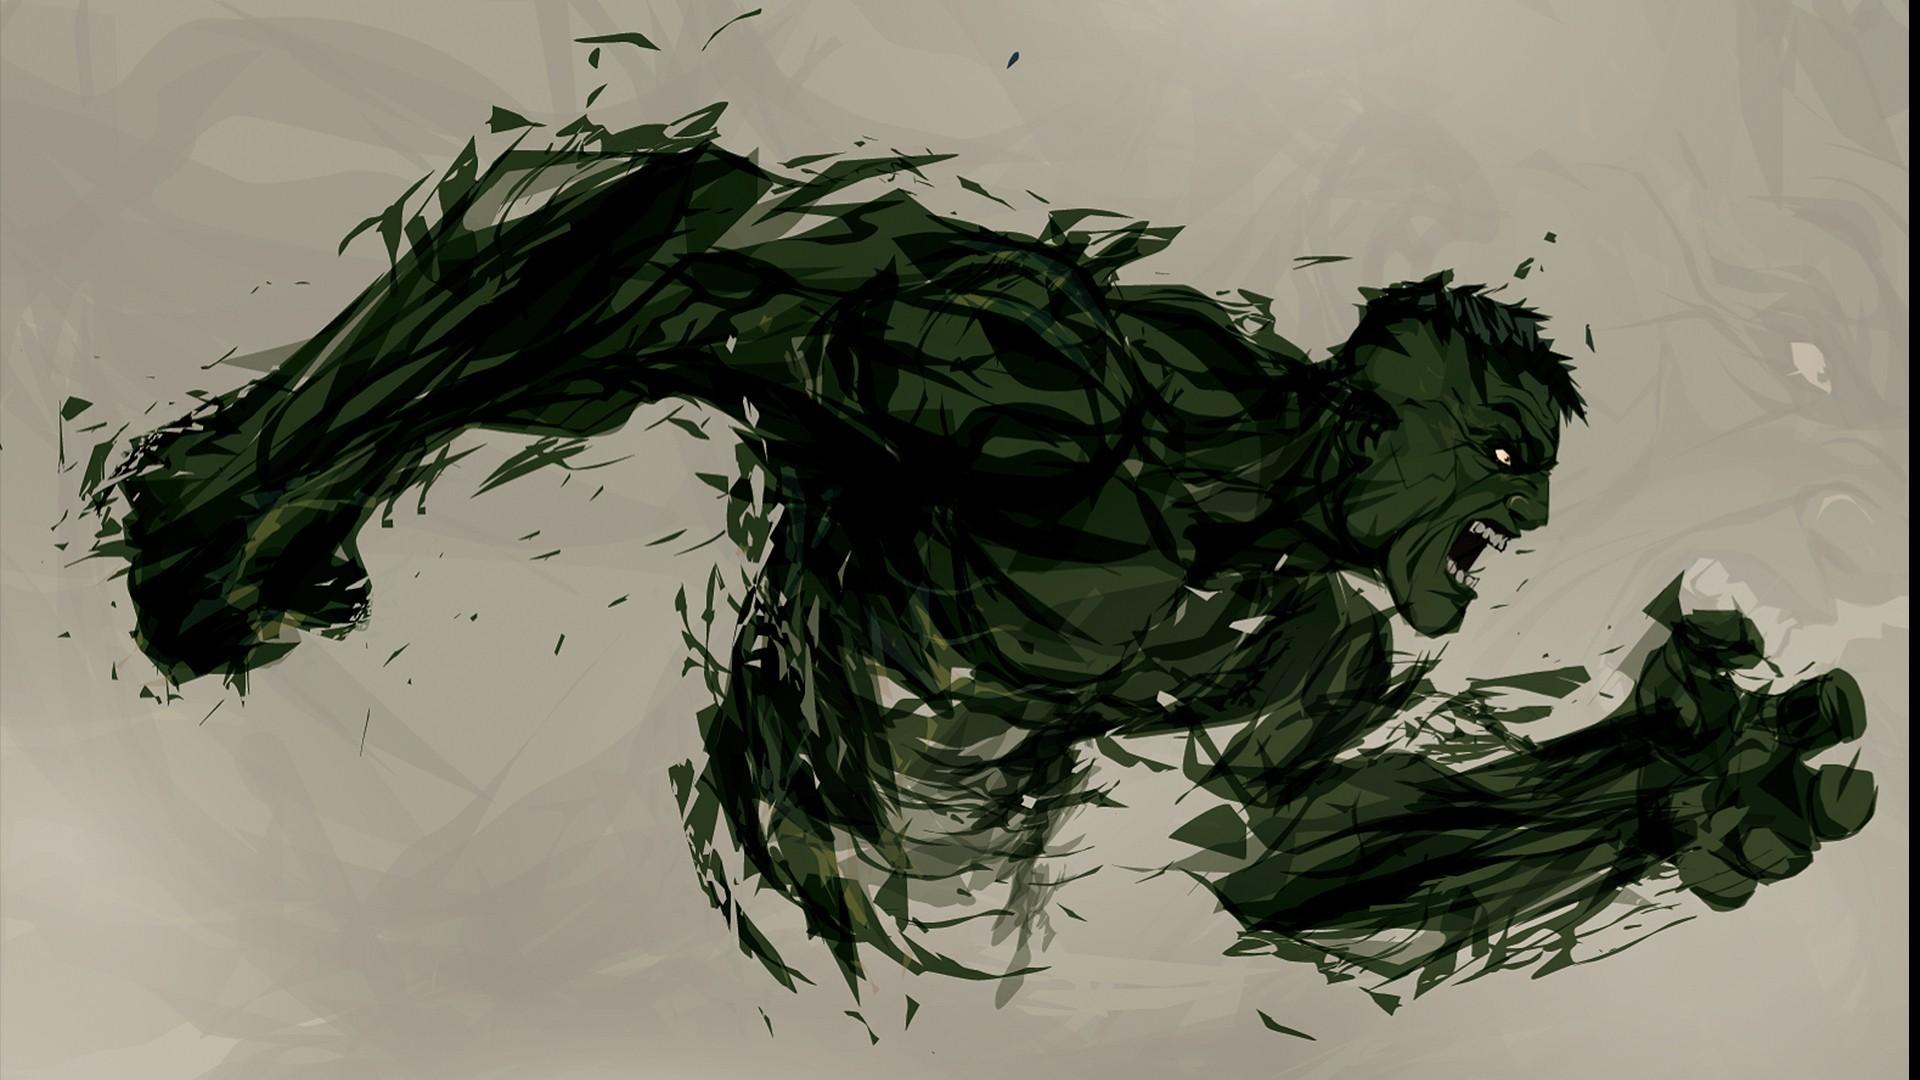 Dessins En Couleurs à Imprimer Spiderman Numéro 22321: Dessins En Couleurs à Imprimer : Hulk, Numéro : 683680